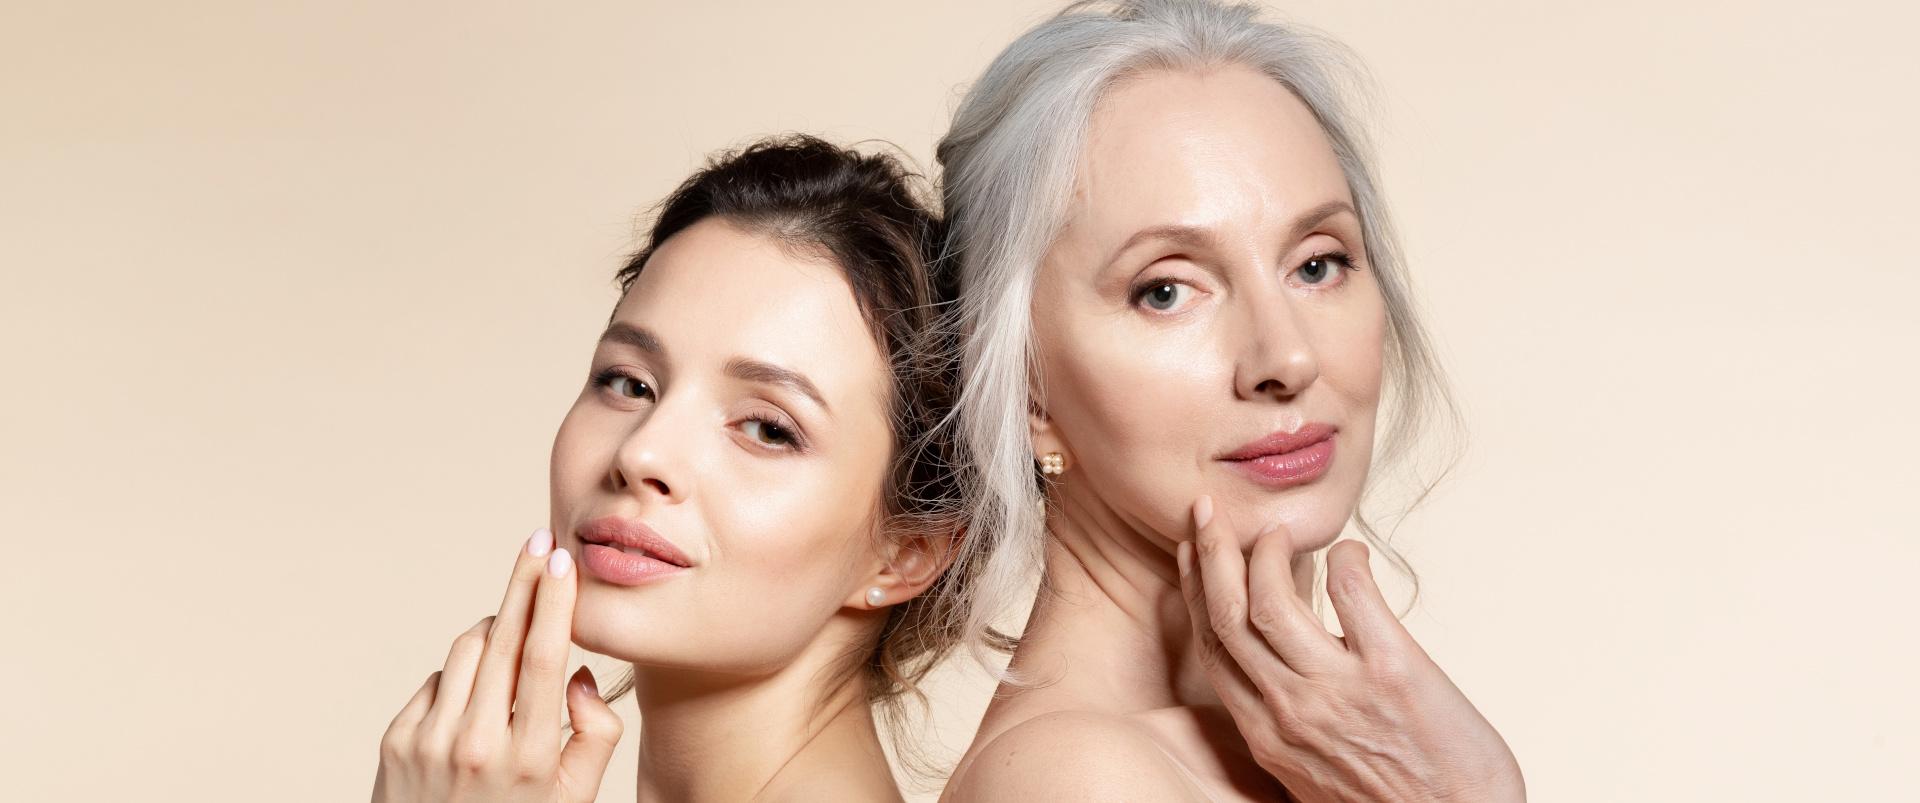 Dlaczego skóra się starzeje i jak spowolnić ten proces?